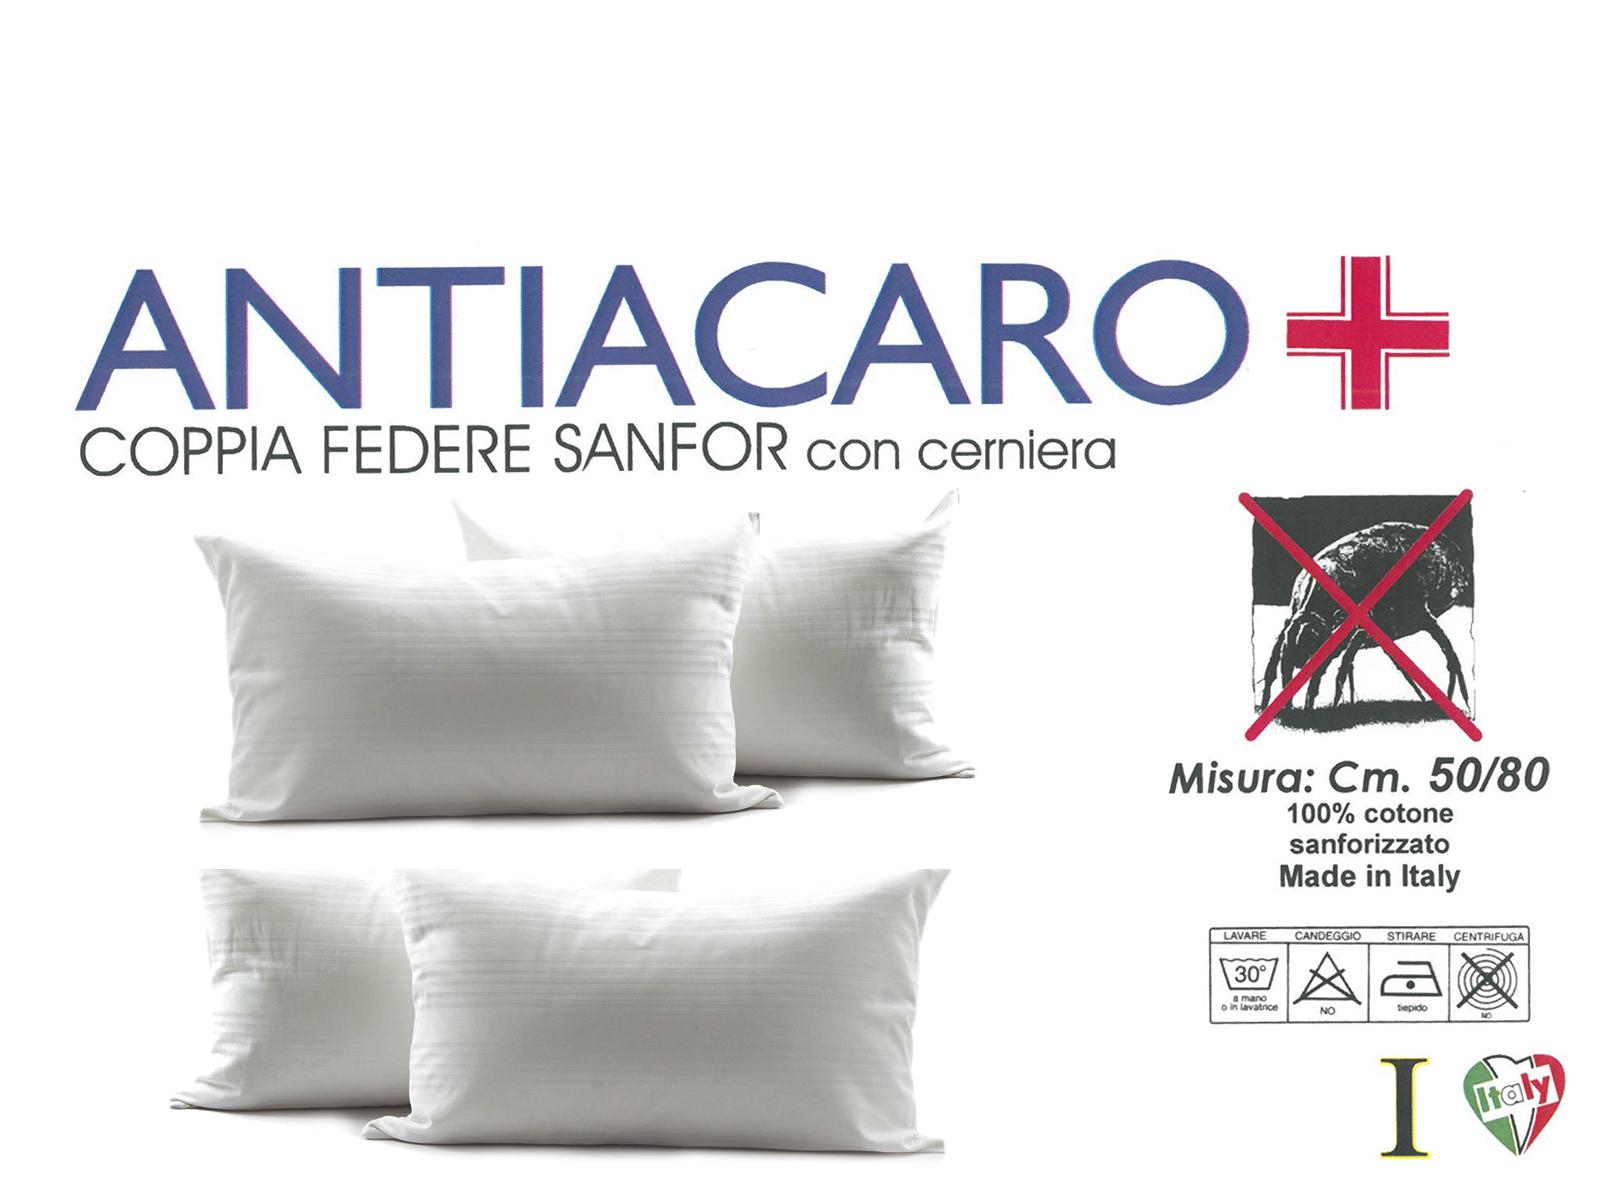 Federe E Coprimaterasso Antiacaro.2 Coppie Fodere Cuscino Guanciale Antiacaro Puro Cotone Con Cerniera 50 X 80 Cm